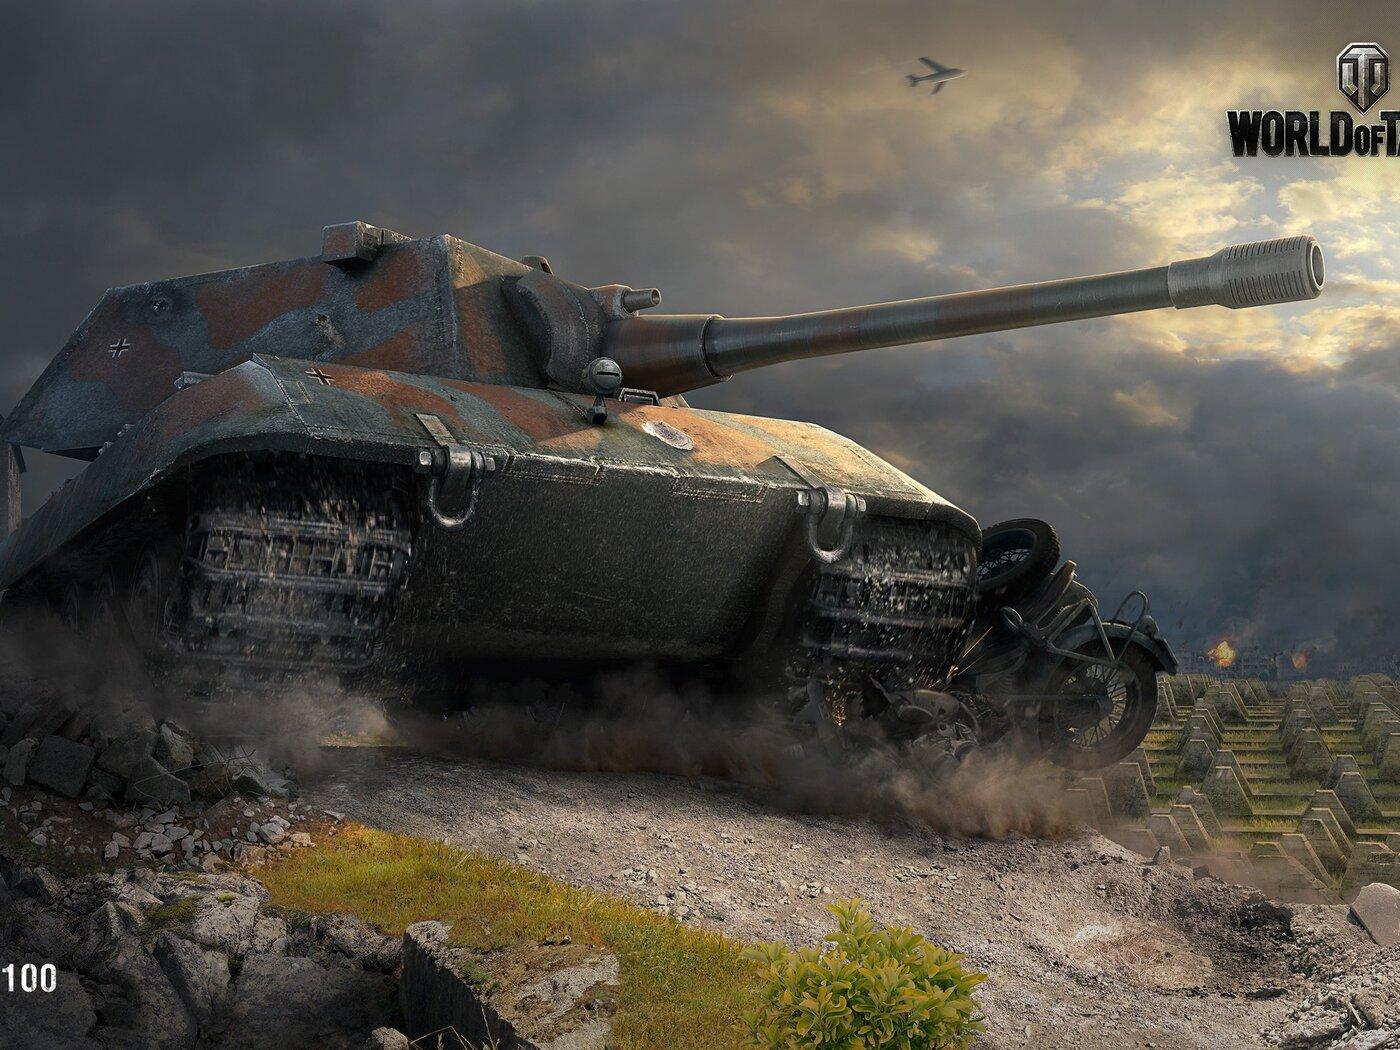 world-of-tanks-game.jpg